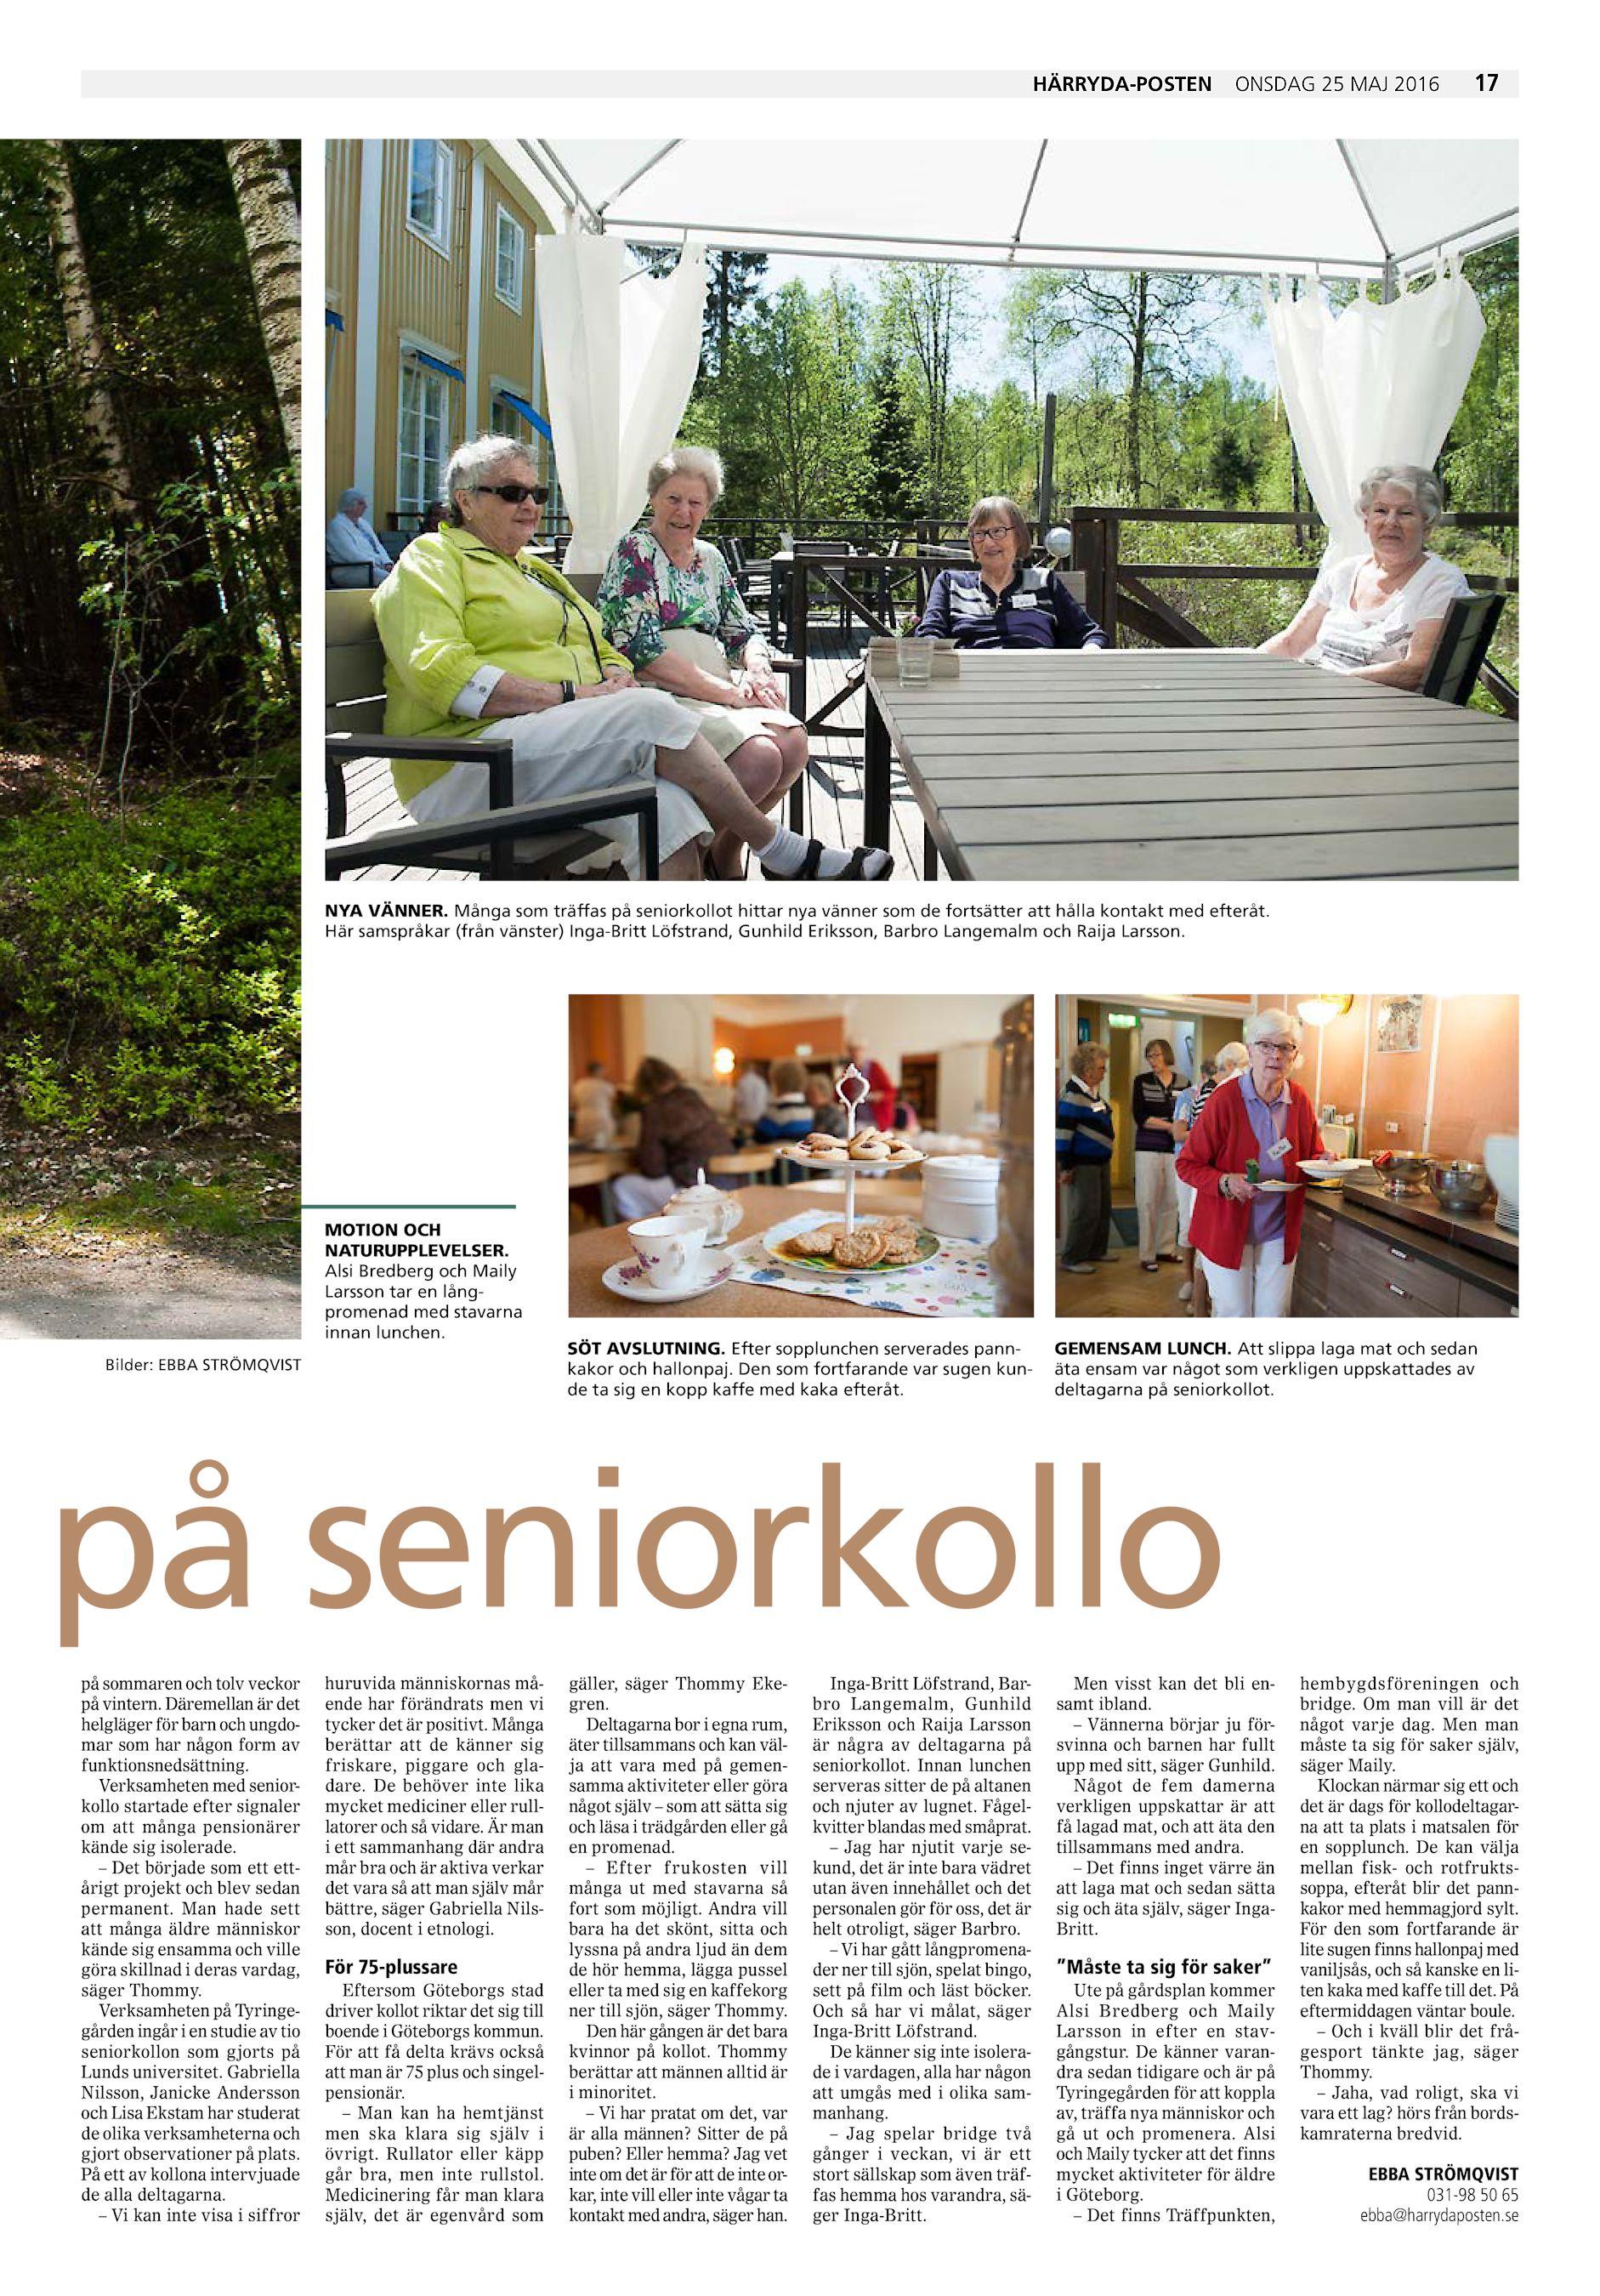 Härryda-Posten onsdag 25 maj 2016 17 NYA VÄNNER. Många som träffas på  seniorkollot hittar nya vänner som de fortsätter att hålla kontakt med  efteråt. 9b8ac8ac2c30e